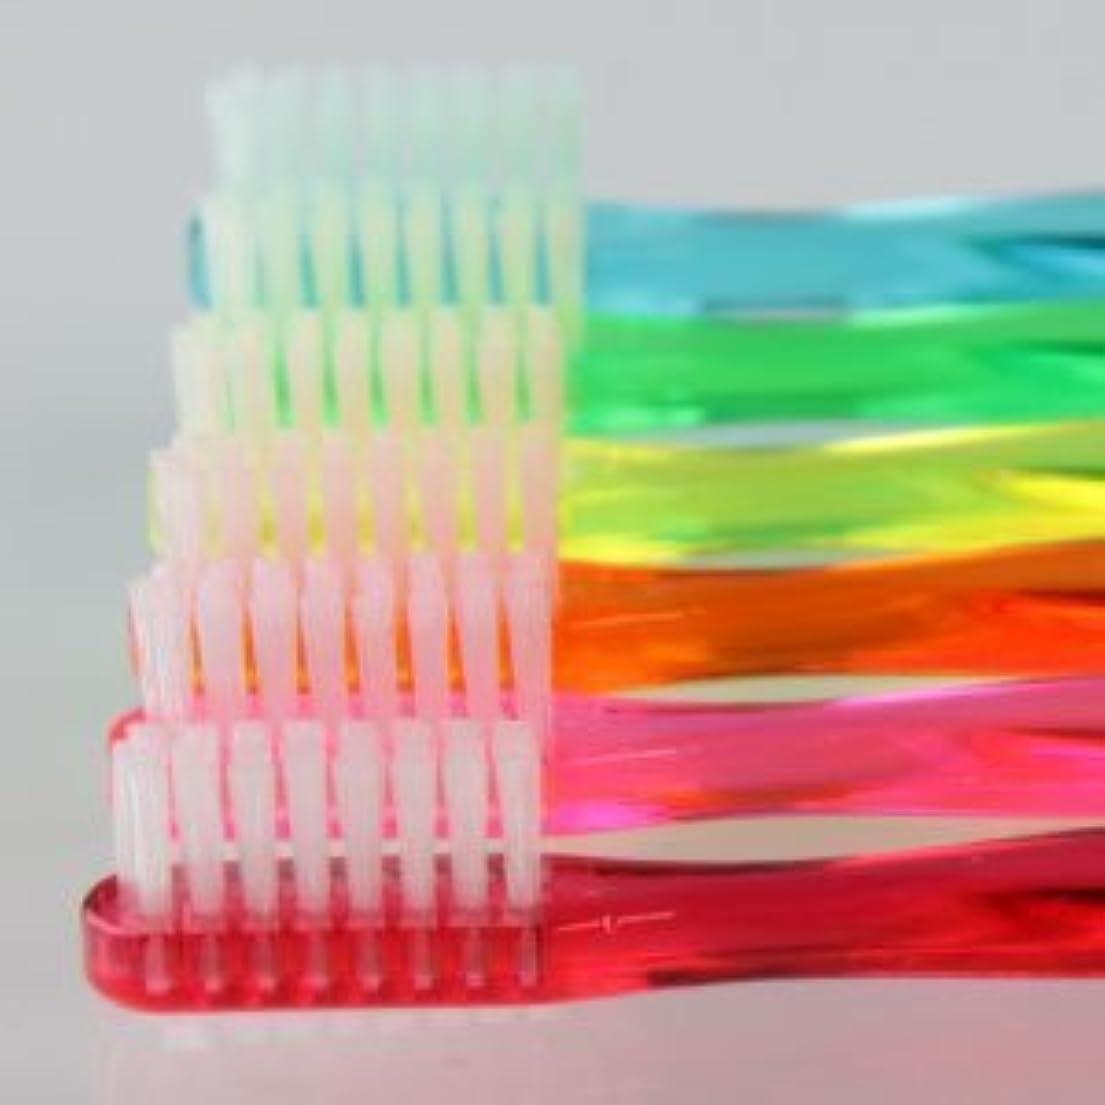 キロメートル露骨なガレージサムフレンド 歯ブラシ #11(乳歯?永久歯の混合歯列期向け) 6本 ※お色は当店お任せです